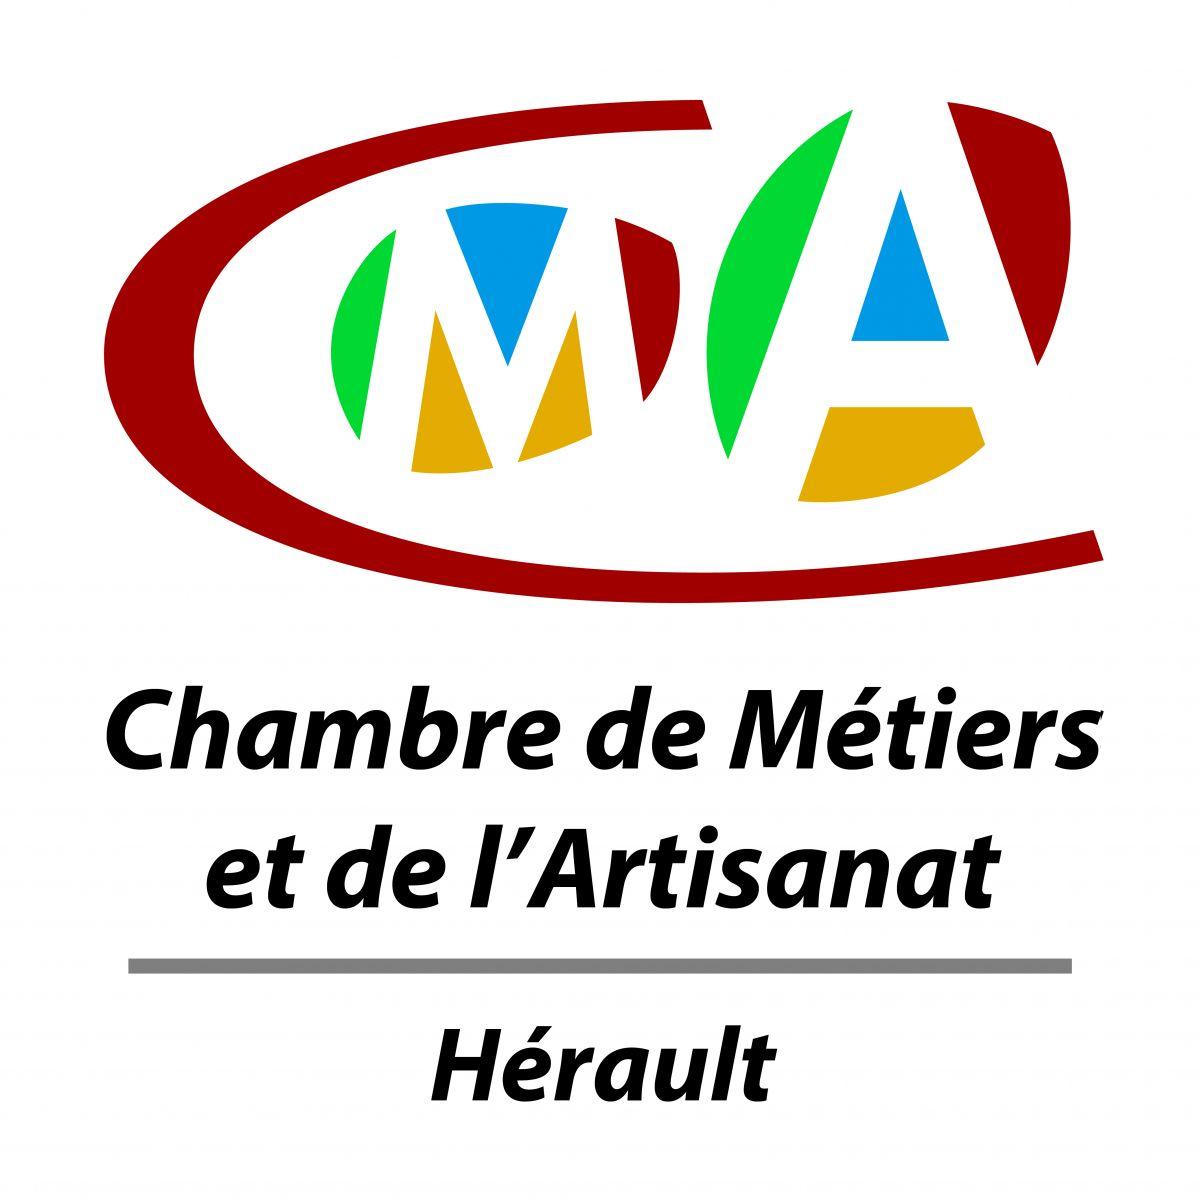 CMA Hérault